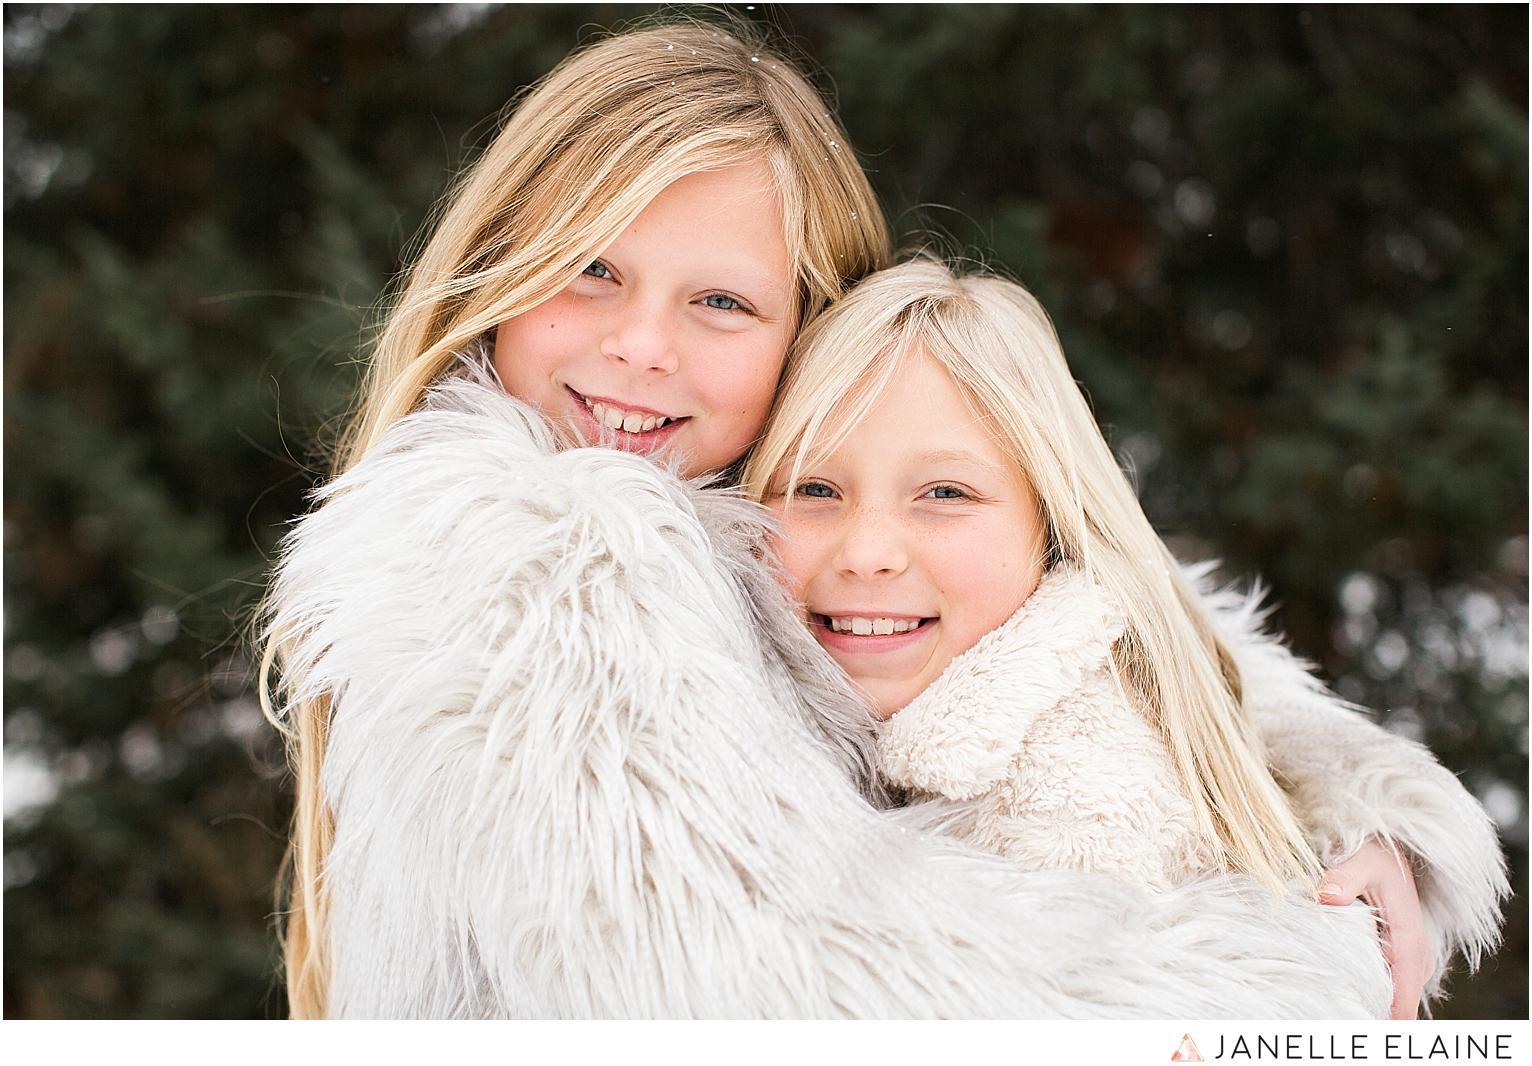 seattle-washington lifestyle photographer-janelle elaine-callie and char-8.jpg